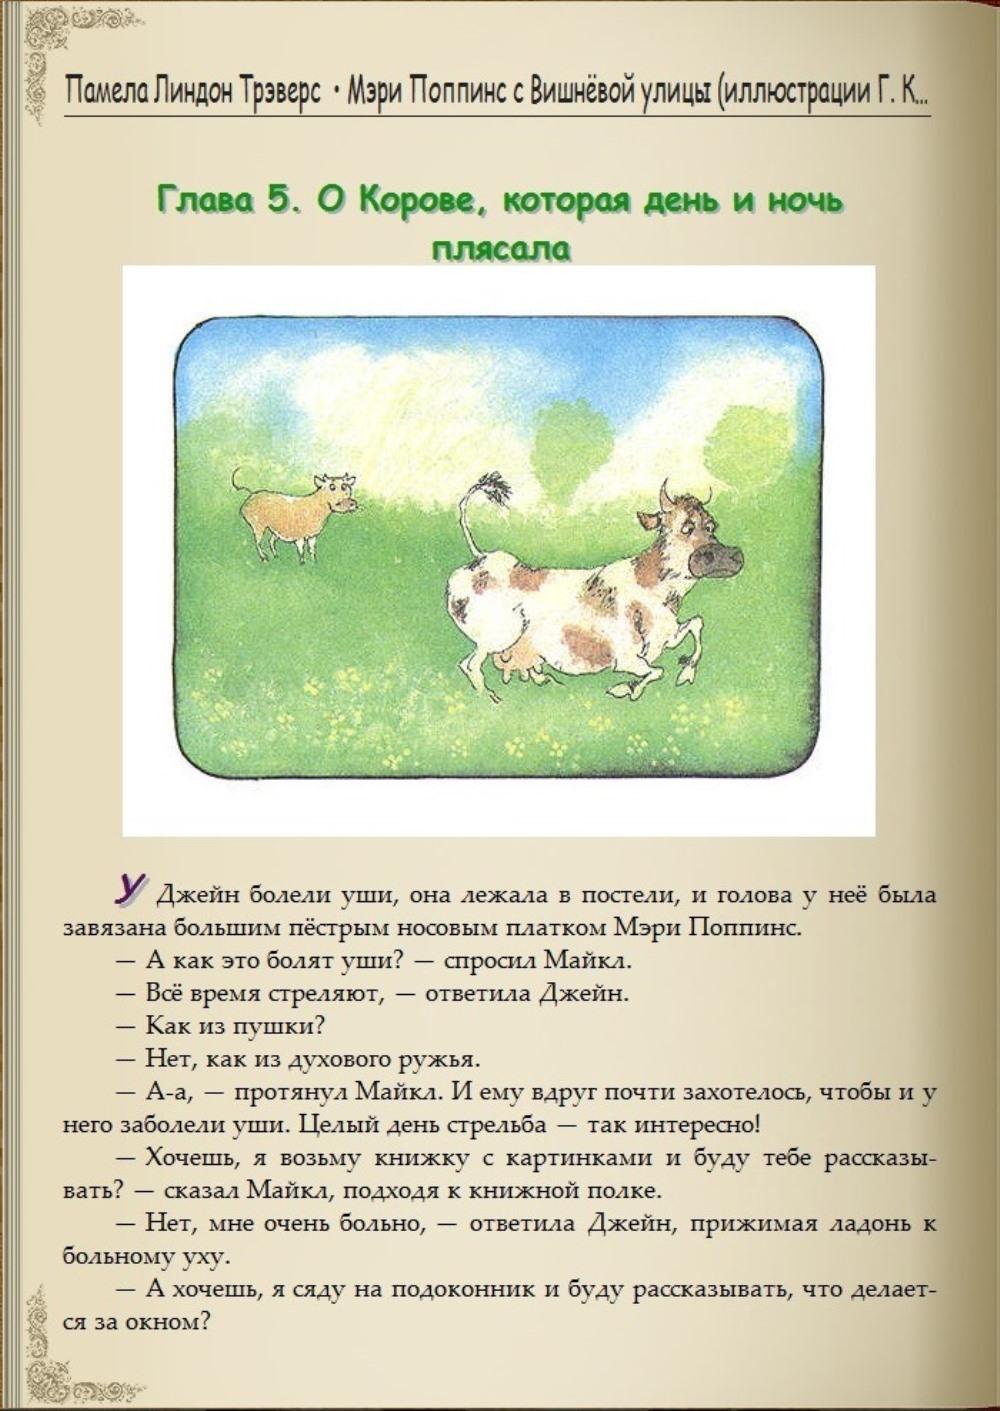 http://i4.imageban.ru/out/2013/11/13/7686c39dba6c1d9cc1beafd61873d698.jpg